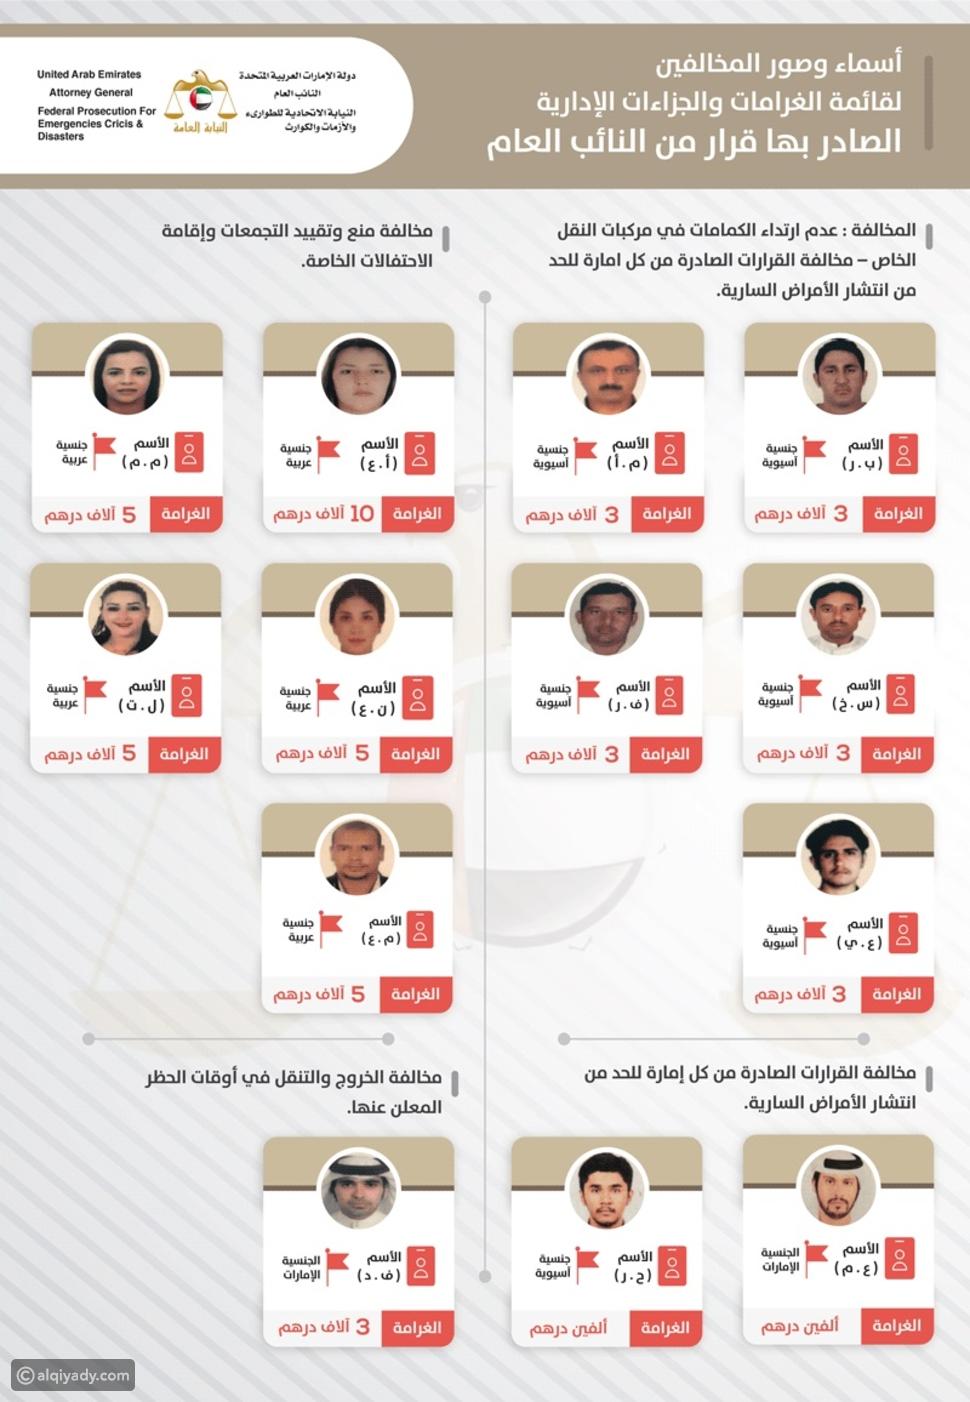 الإمارات: نشر أسماء وصور المخالفين للإجراءات الاحترازية ضد كورونا